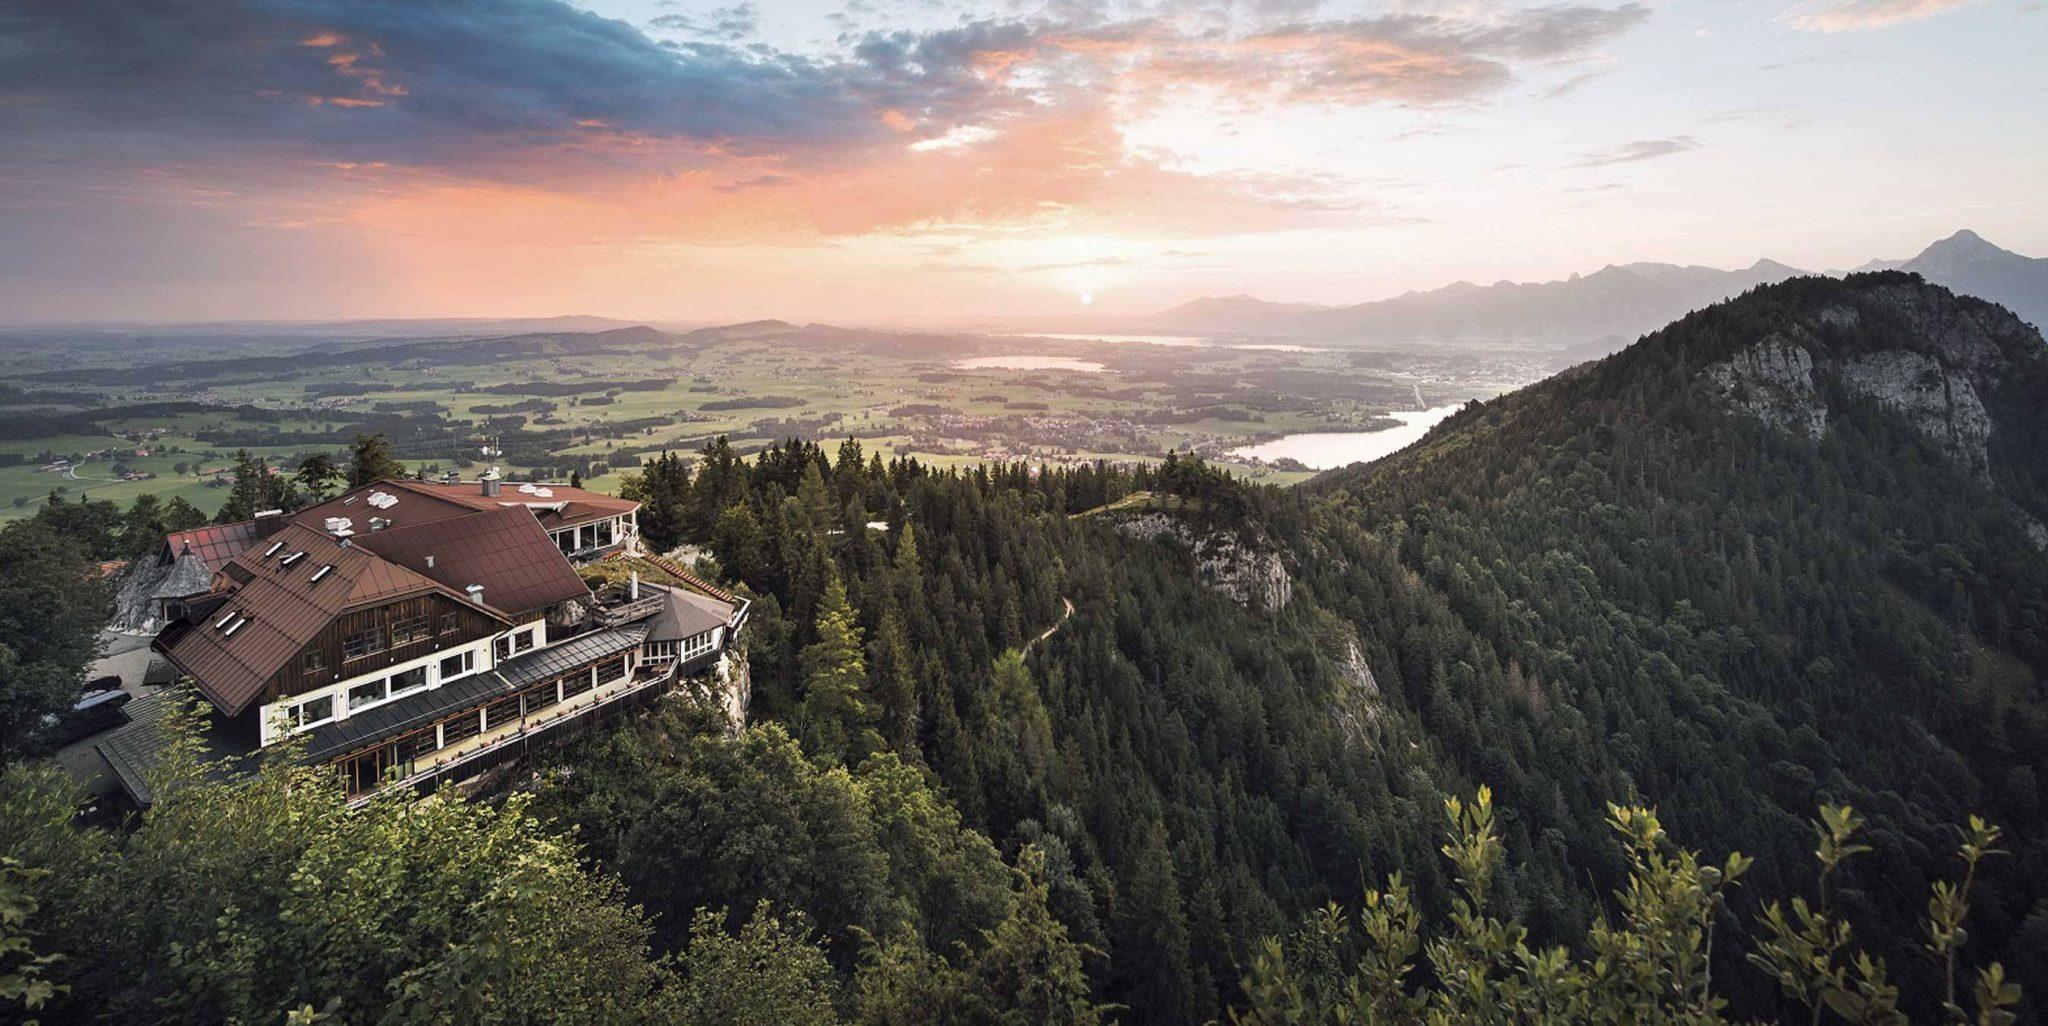 Burghotel Falkenstein aus der Vogelperspektive